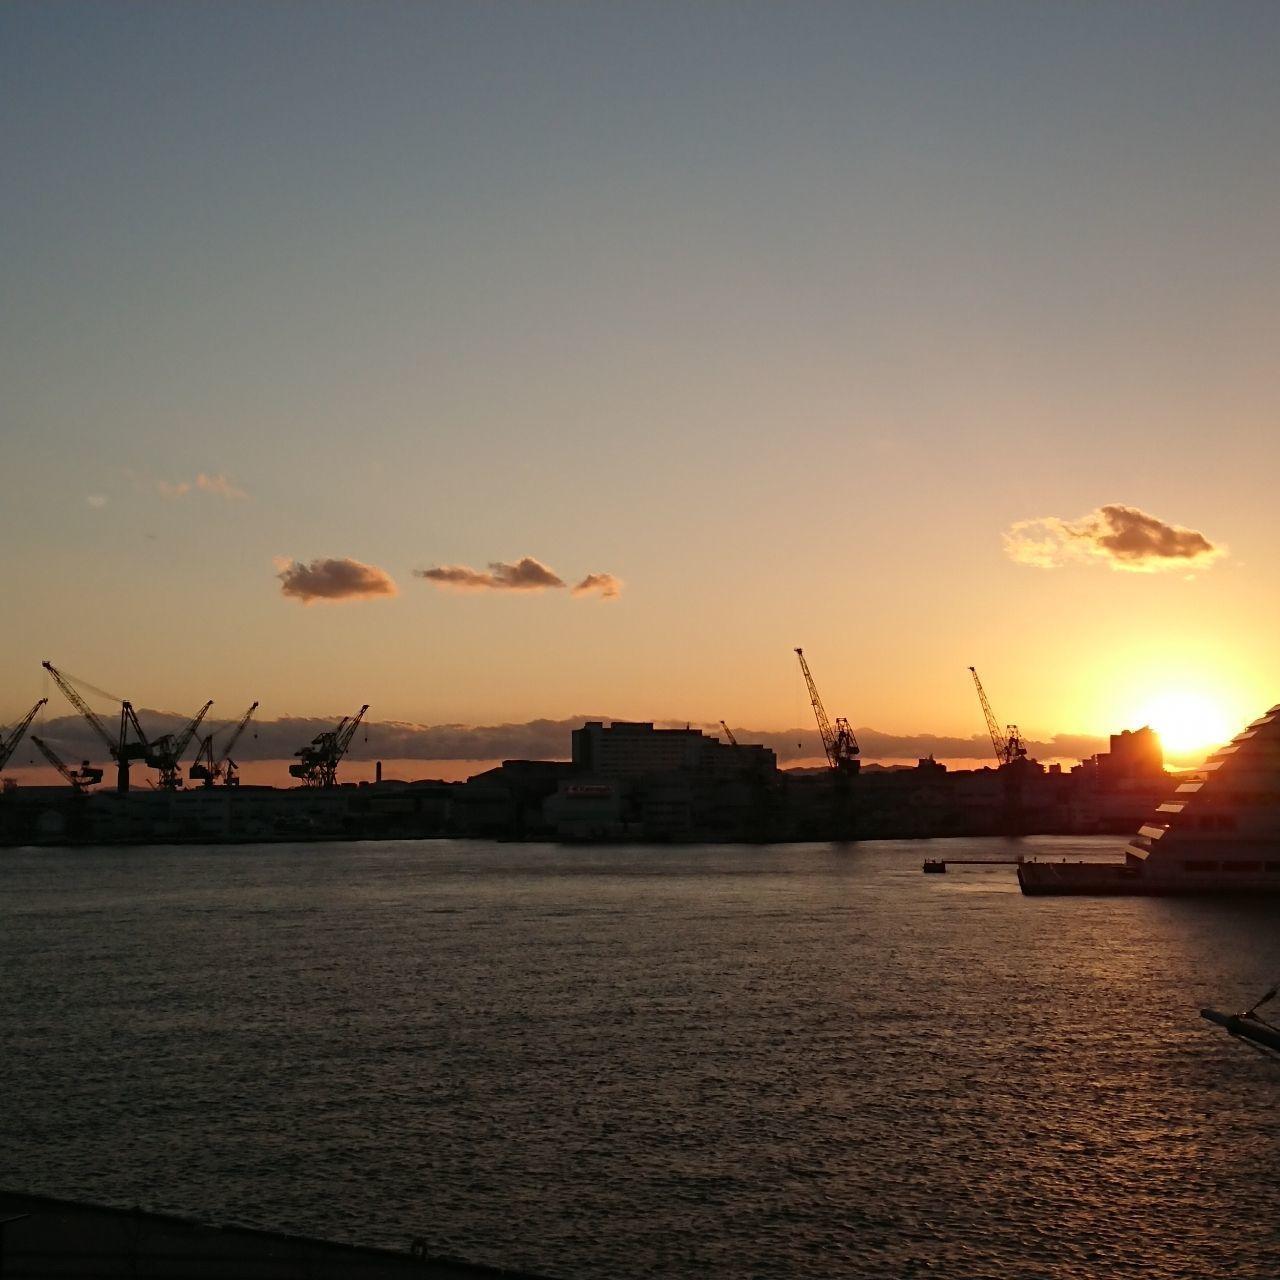 #旅行 #キリンにみえる #神戸 #港 #夜景